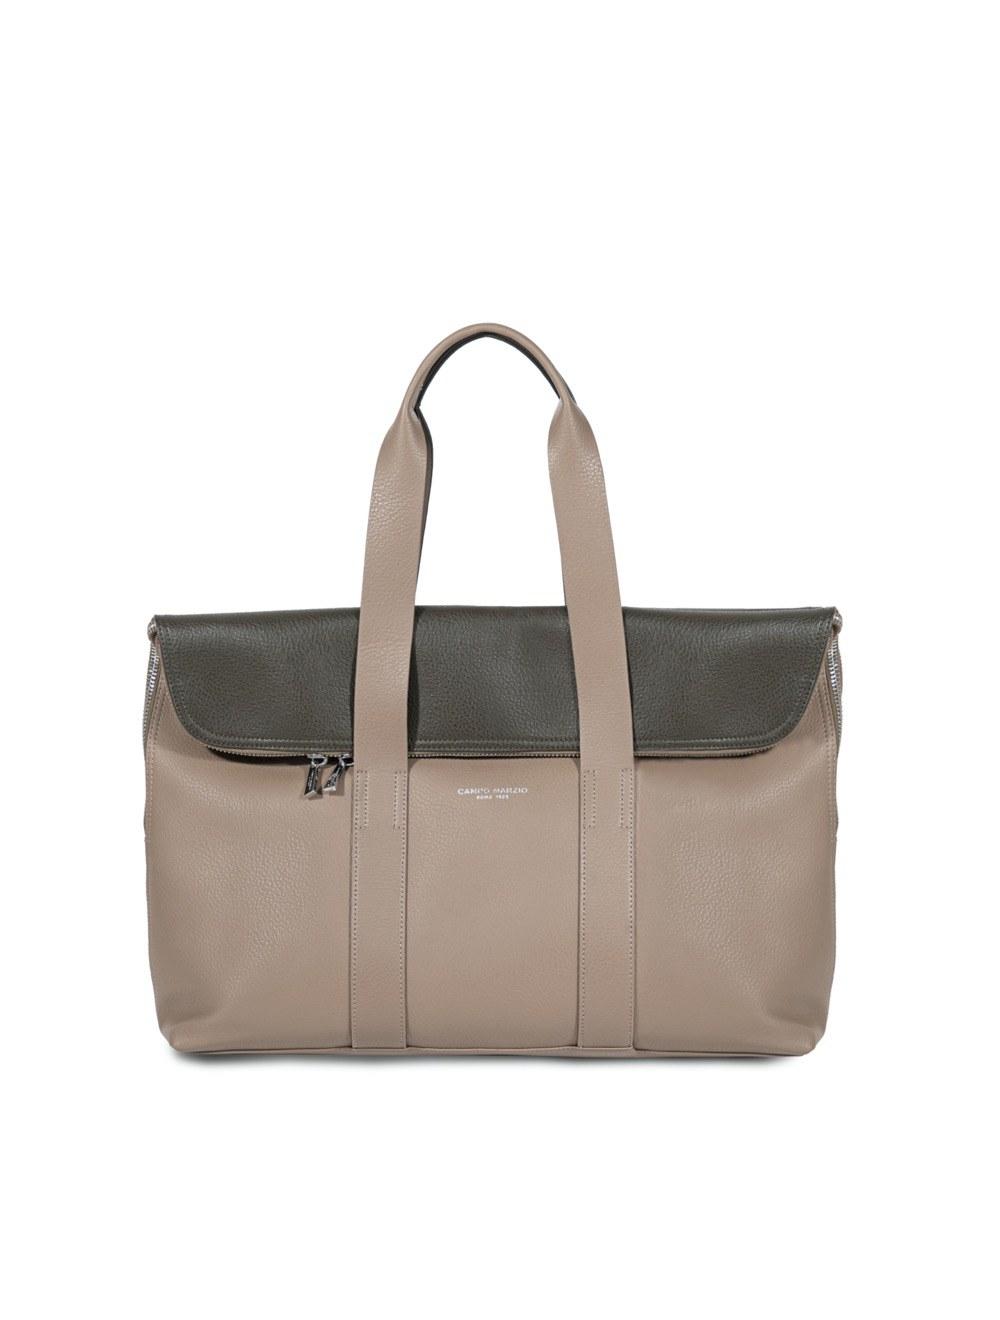 Liz Travel Tote Bag